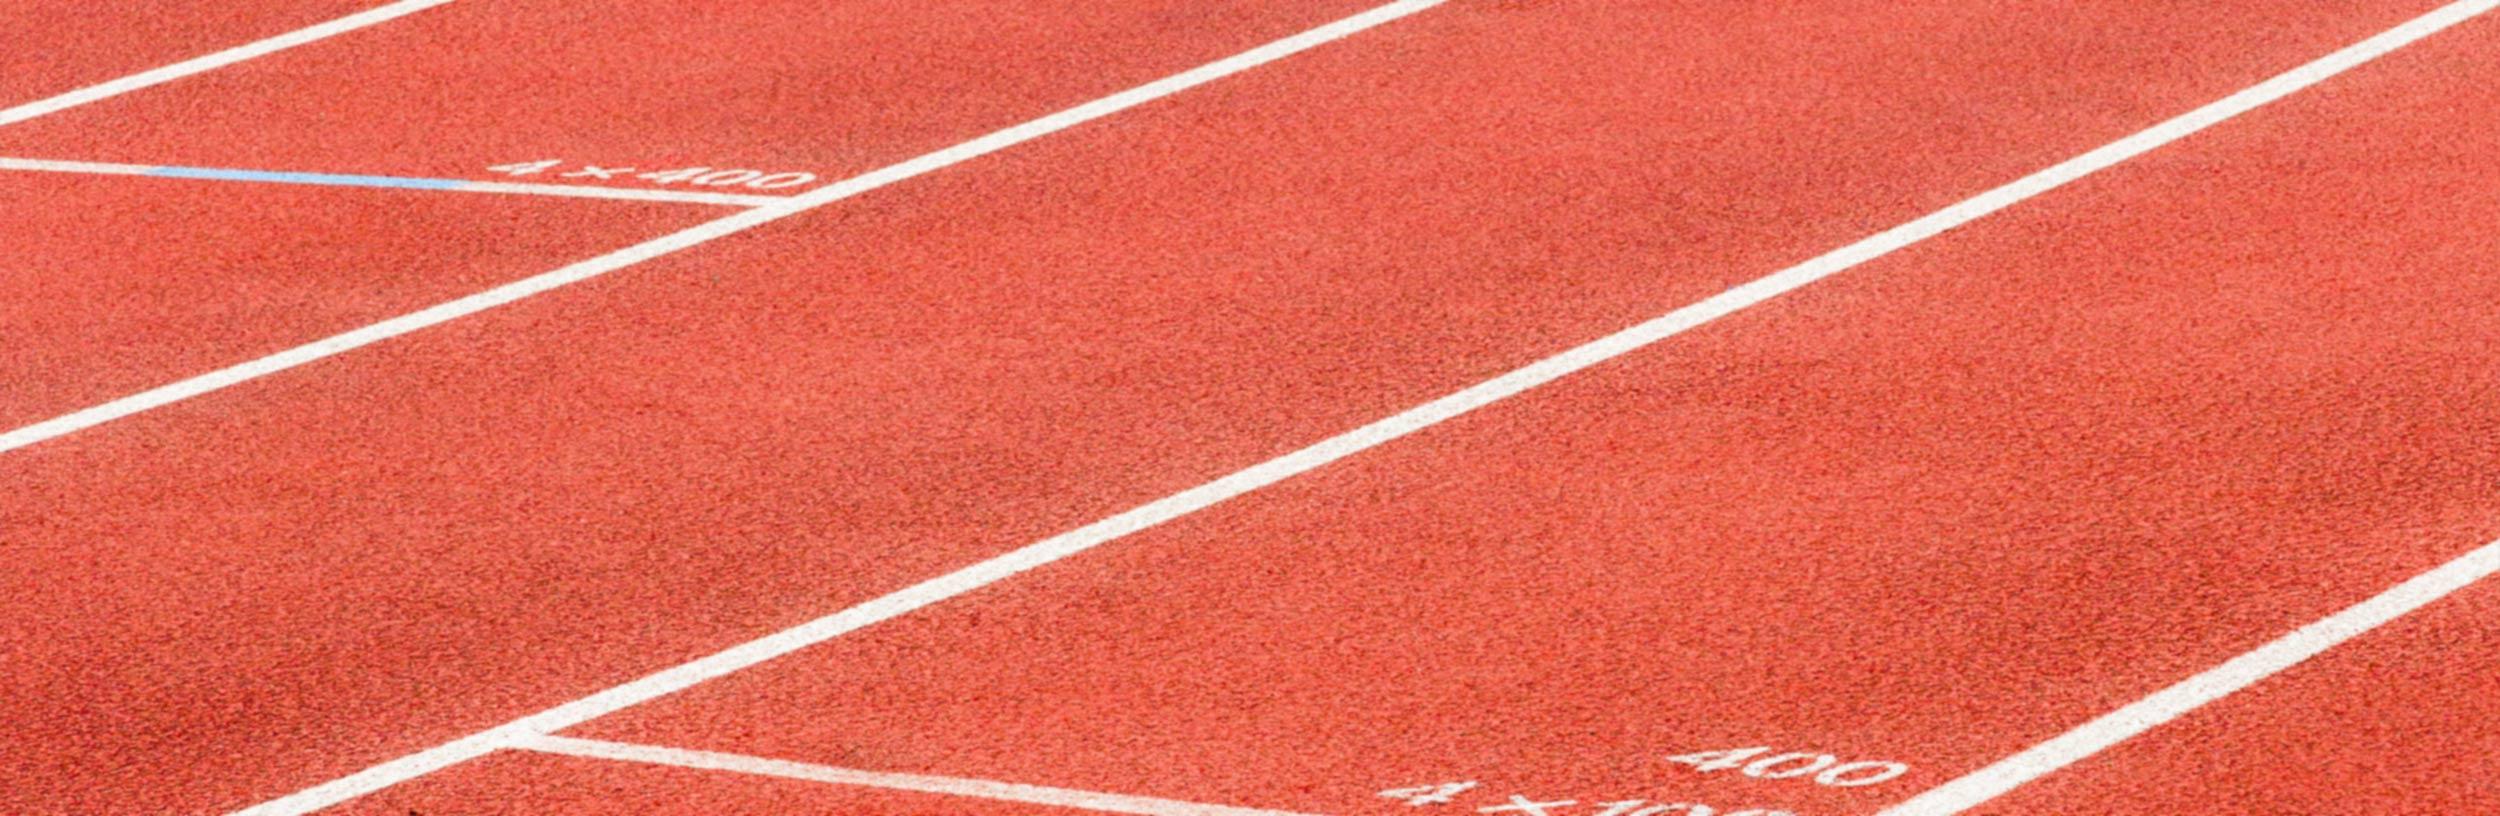 Wettkampfbahn deutet die Geschwindigkeit an, mit der MAINKA in der Beratung und Strategie tätig sein kann